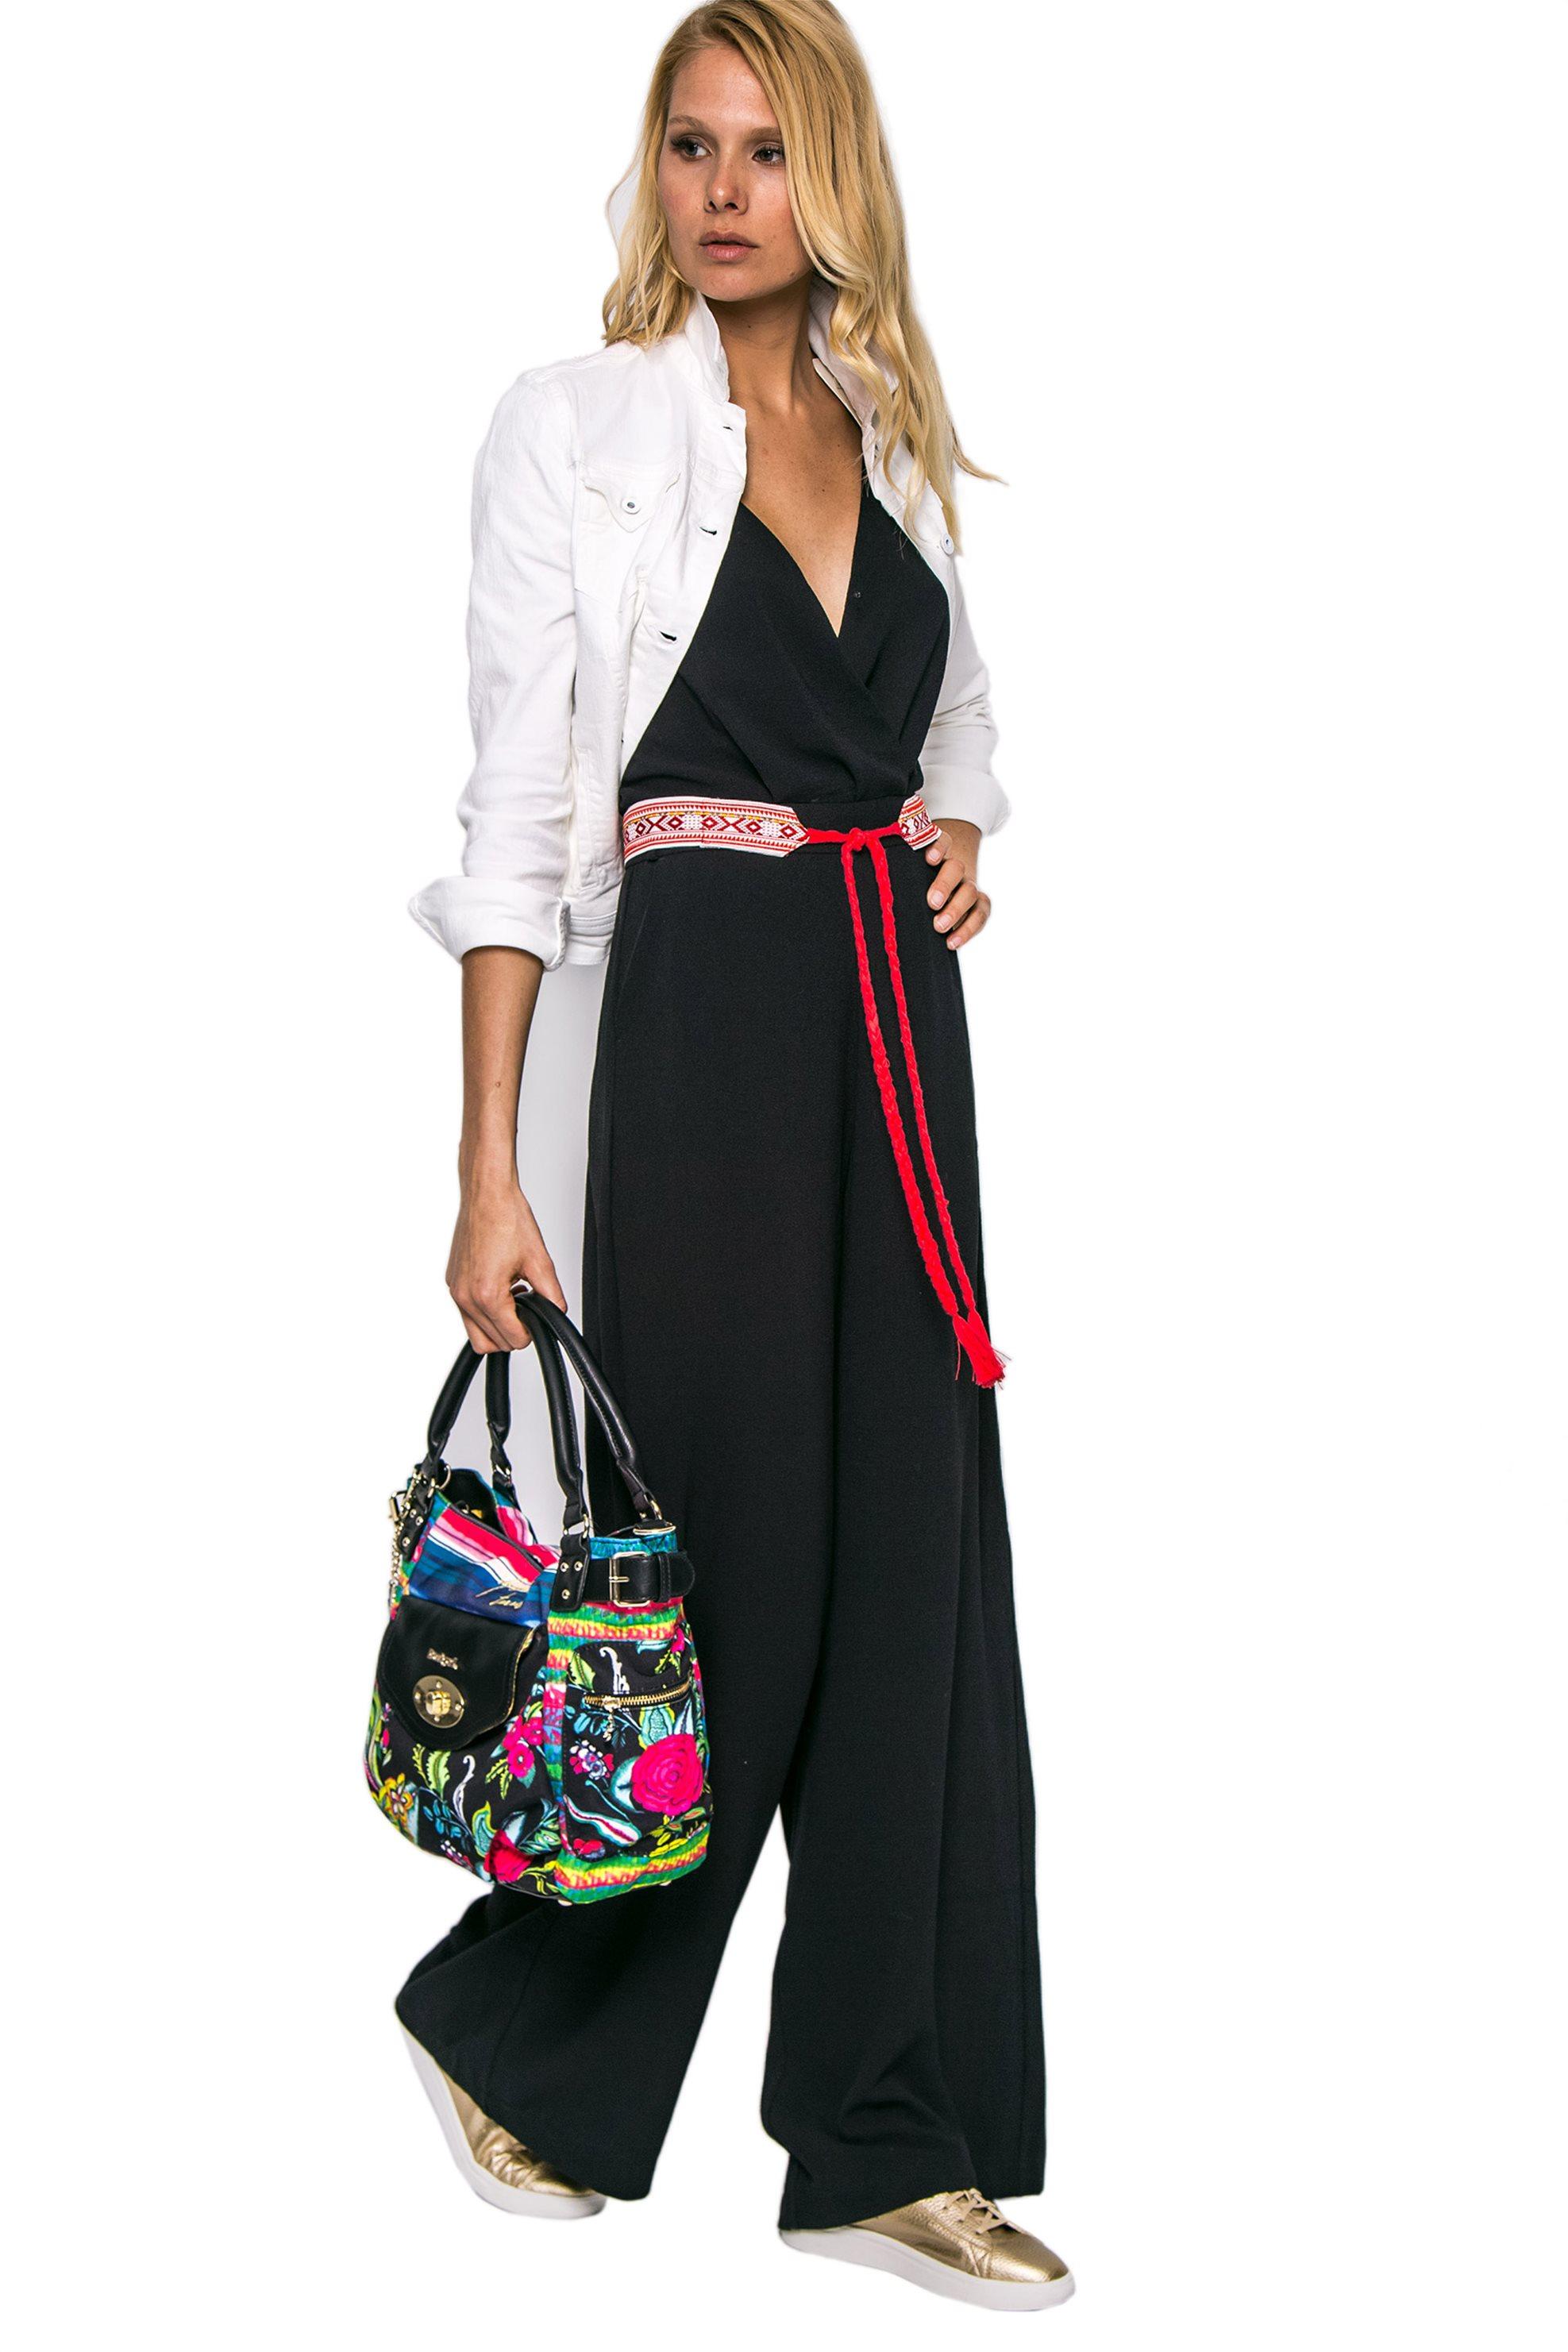 Γυναικεία   Ρούχα   Ολόσωμα   Floral ολόσωμη κρουαζέ φόρμα 181f451aca2